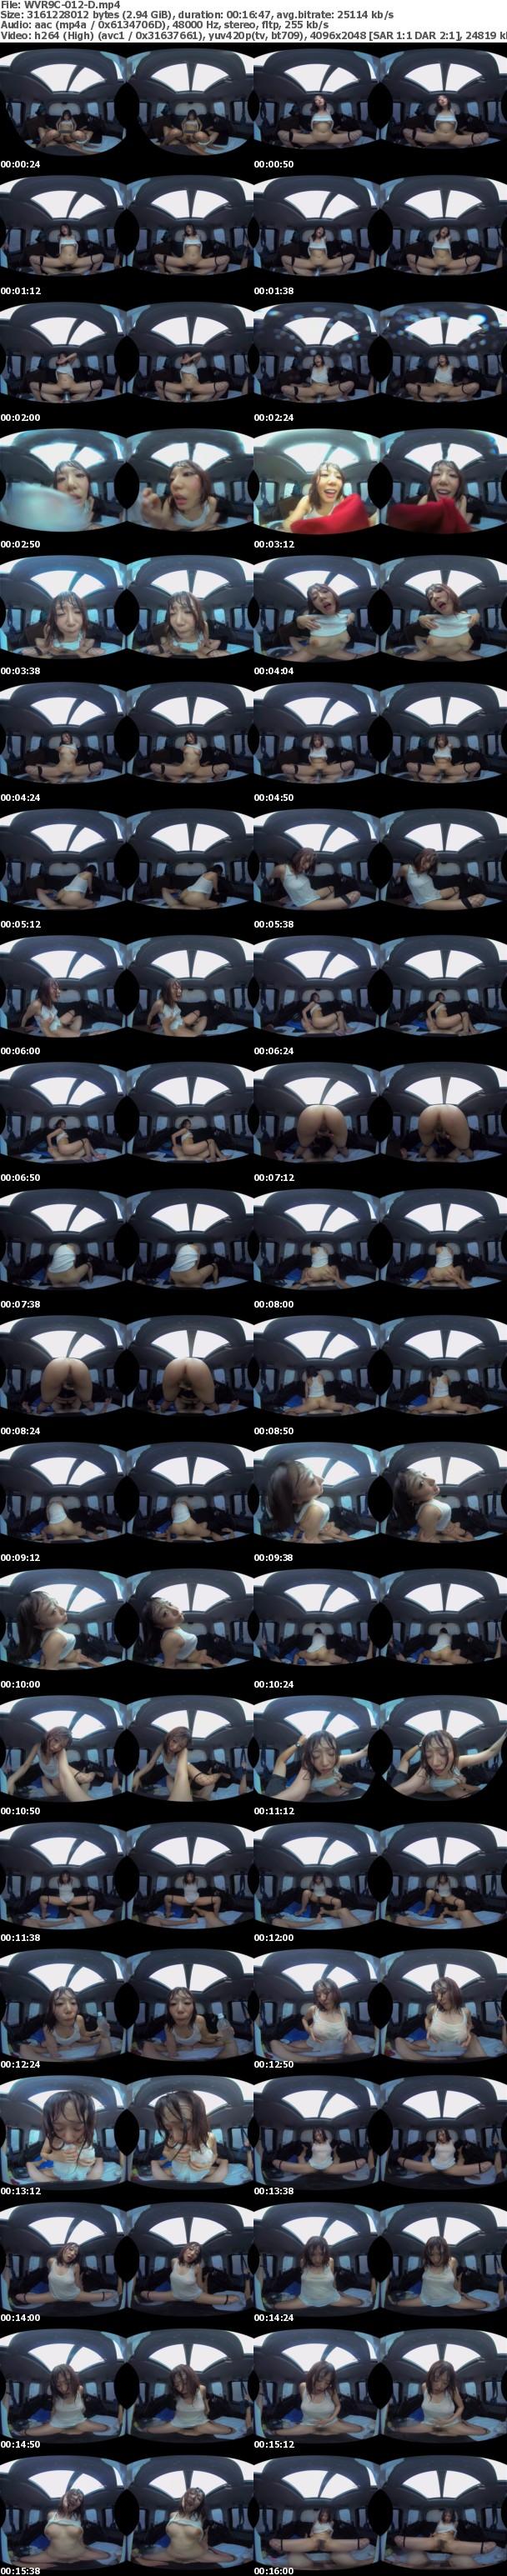 (VR) WVR9C-012 完全リマスター高精細VR 真夏の炎天下の狭い車内で汗だくになって肉欲系カーセックスしまくりました 永久保存版 阿部乃みく 浜崎真緒